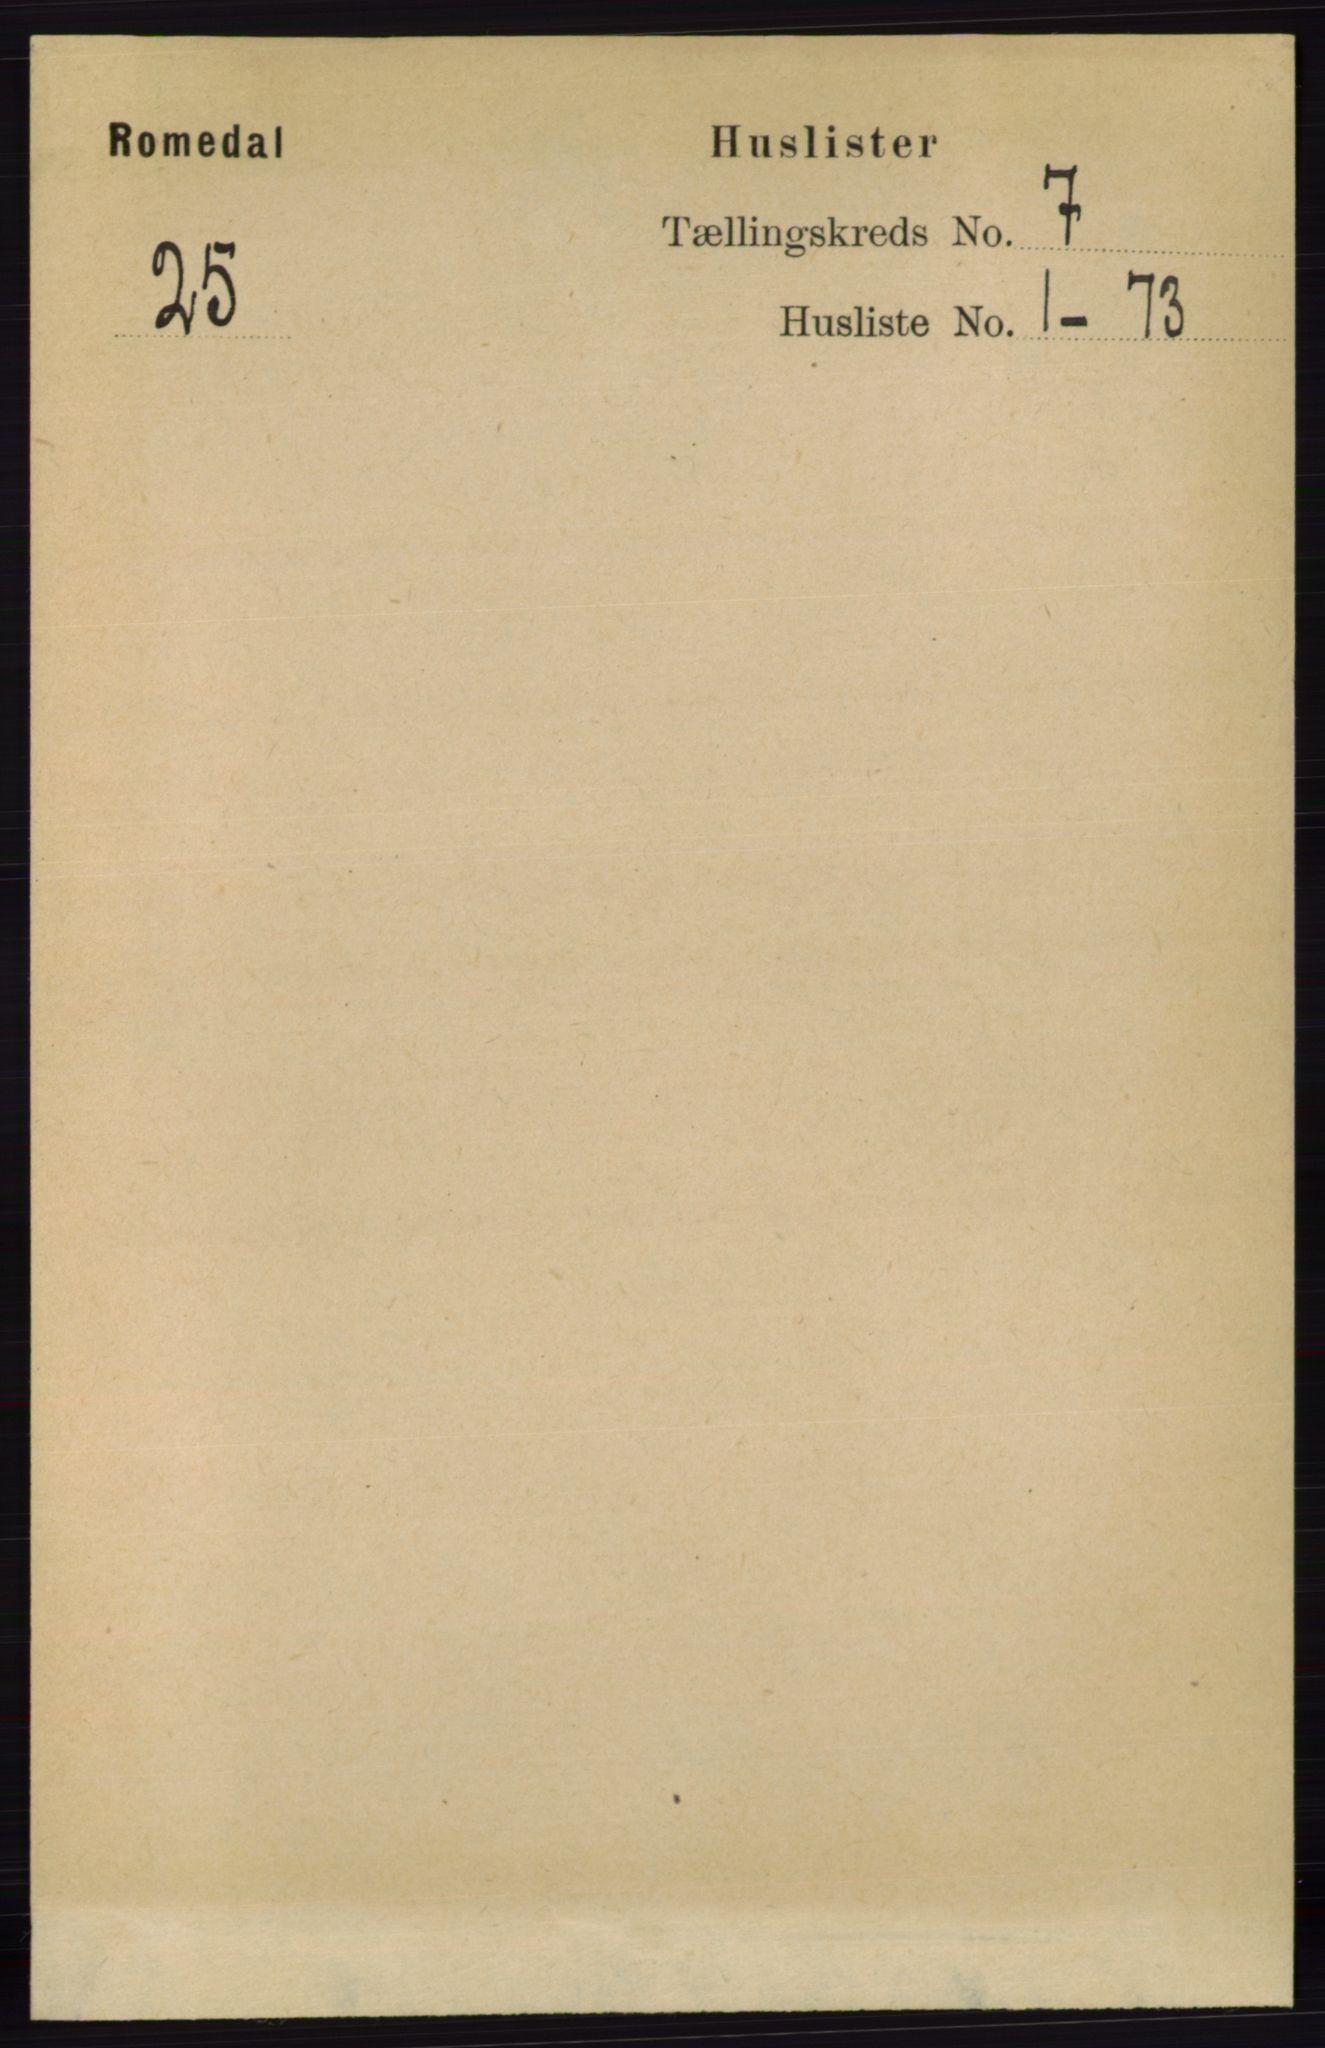 RA, Folketelling 1891 for 0416 Romedal herred, 1891, s. 3480